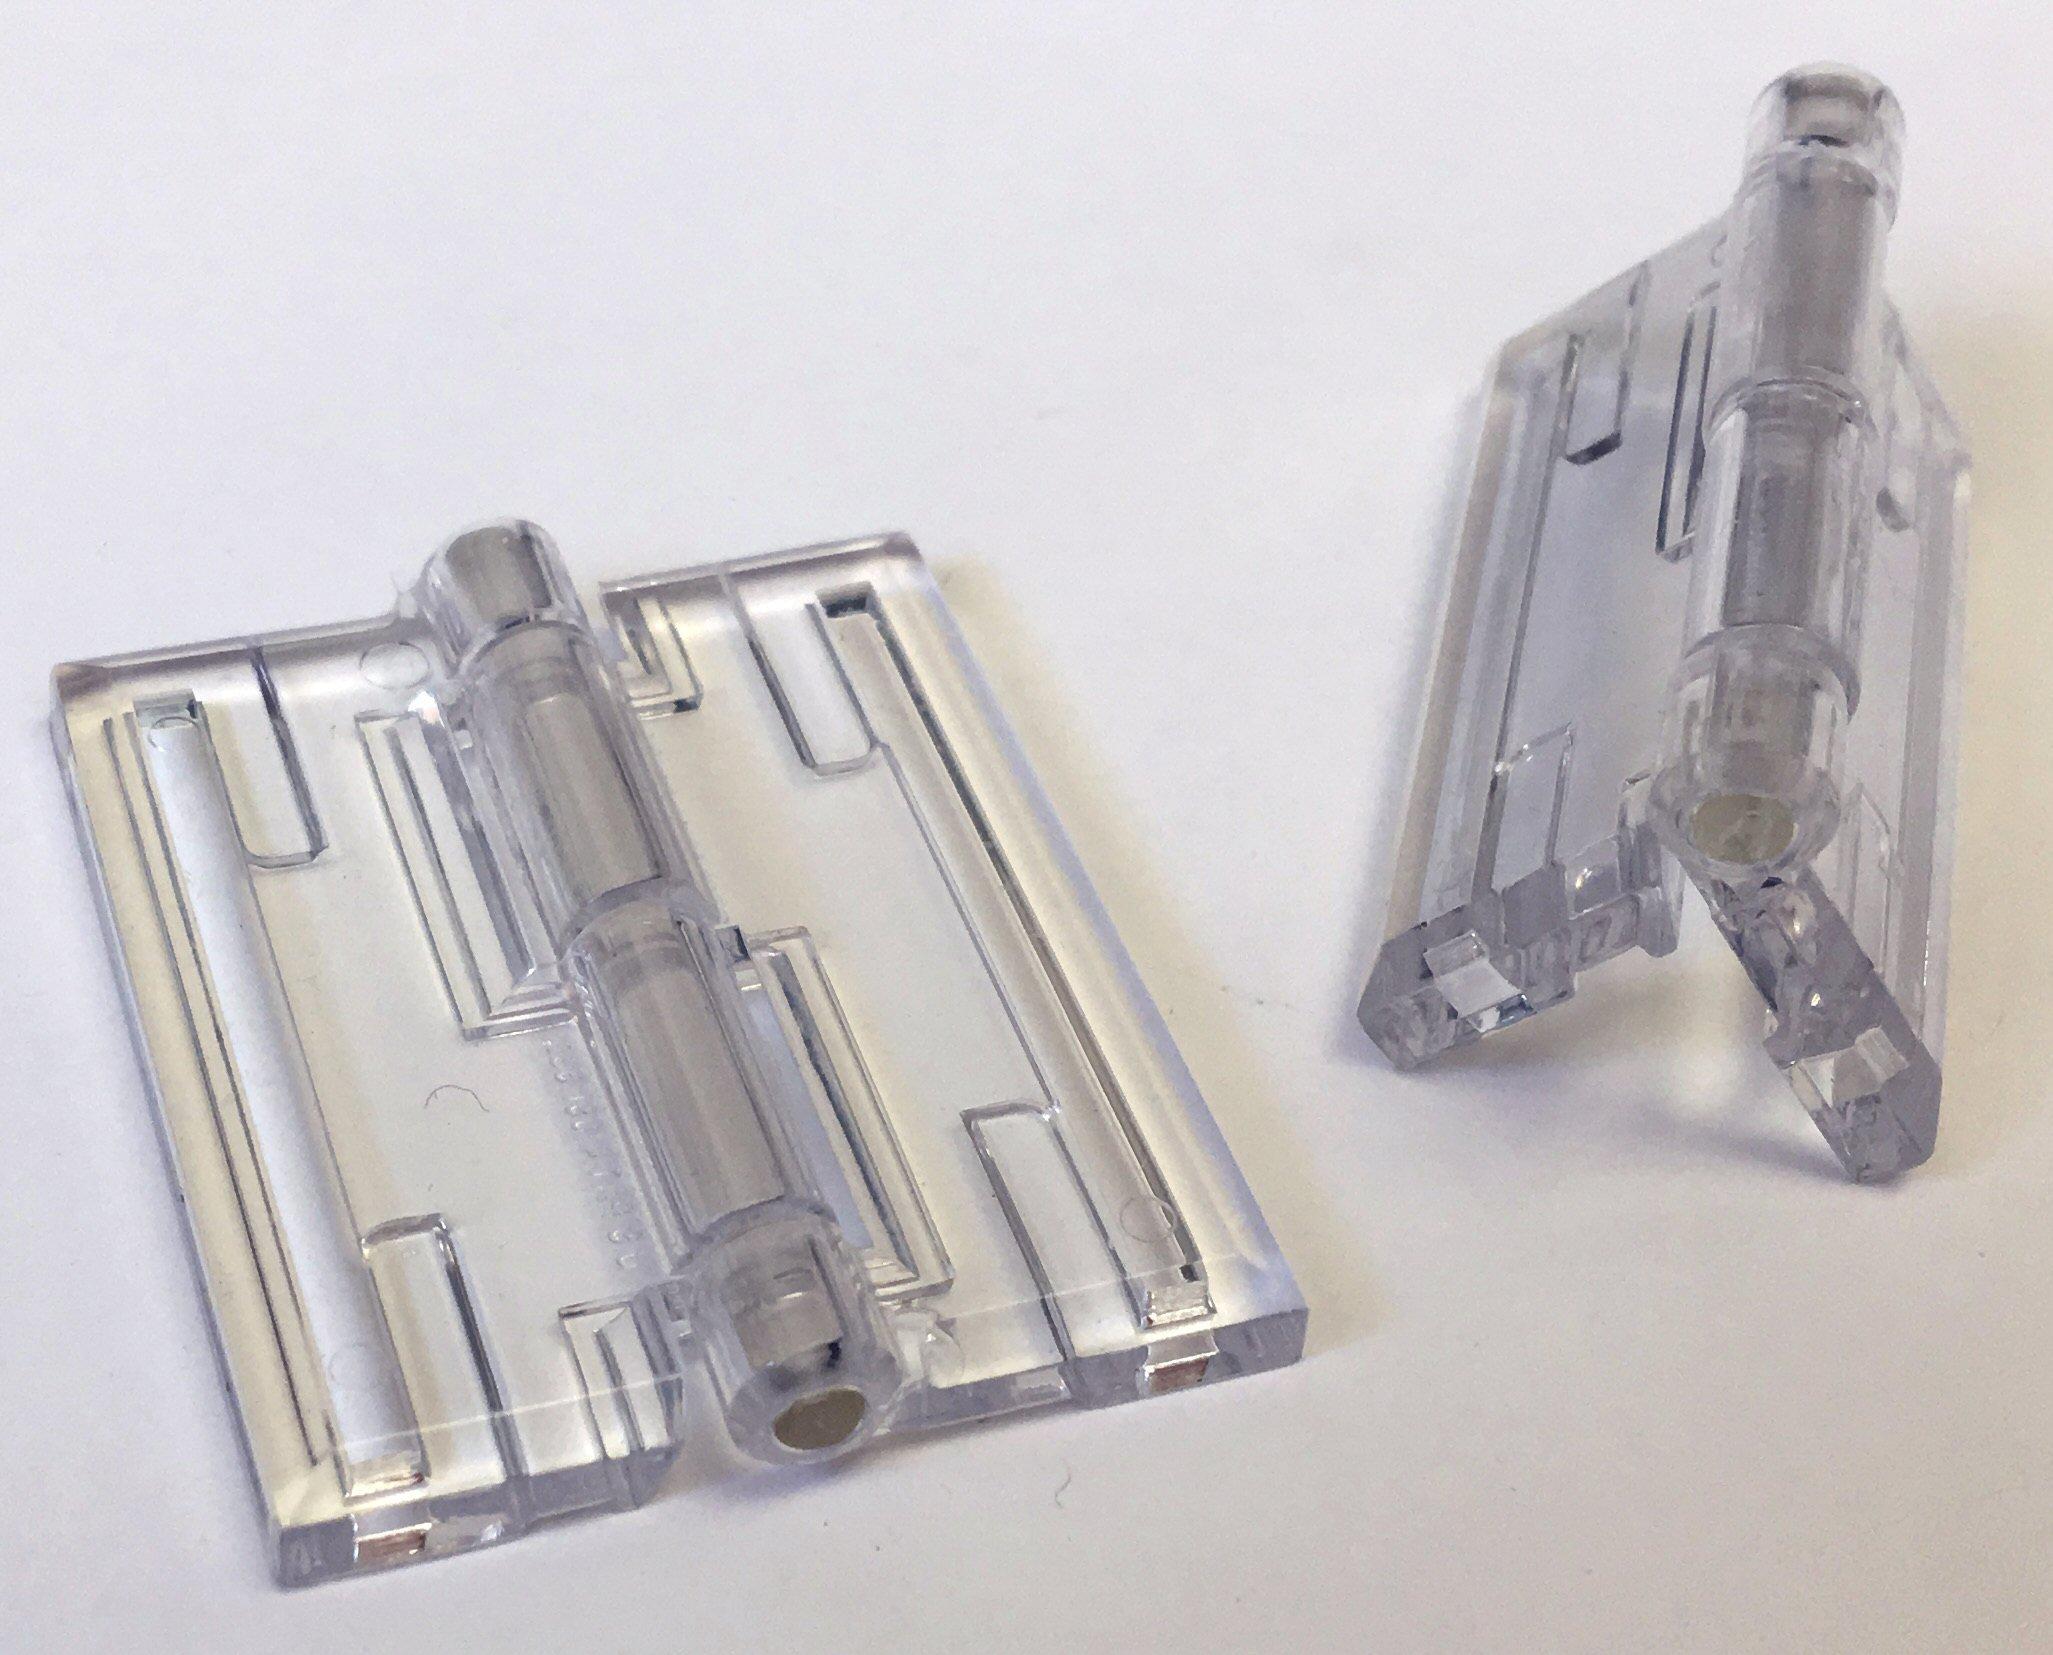 Acryl-Hinge 2 Acrylic Hinge 10 Pack